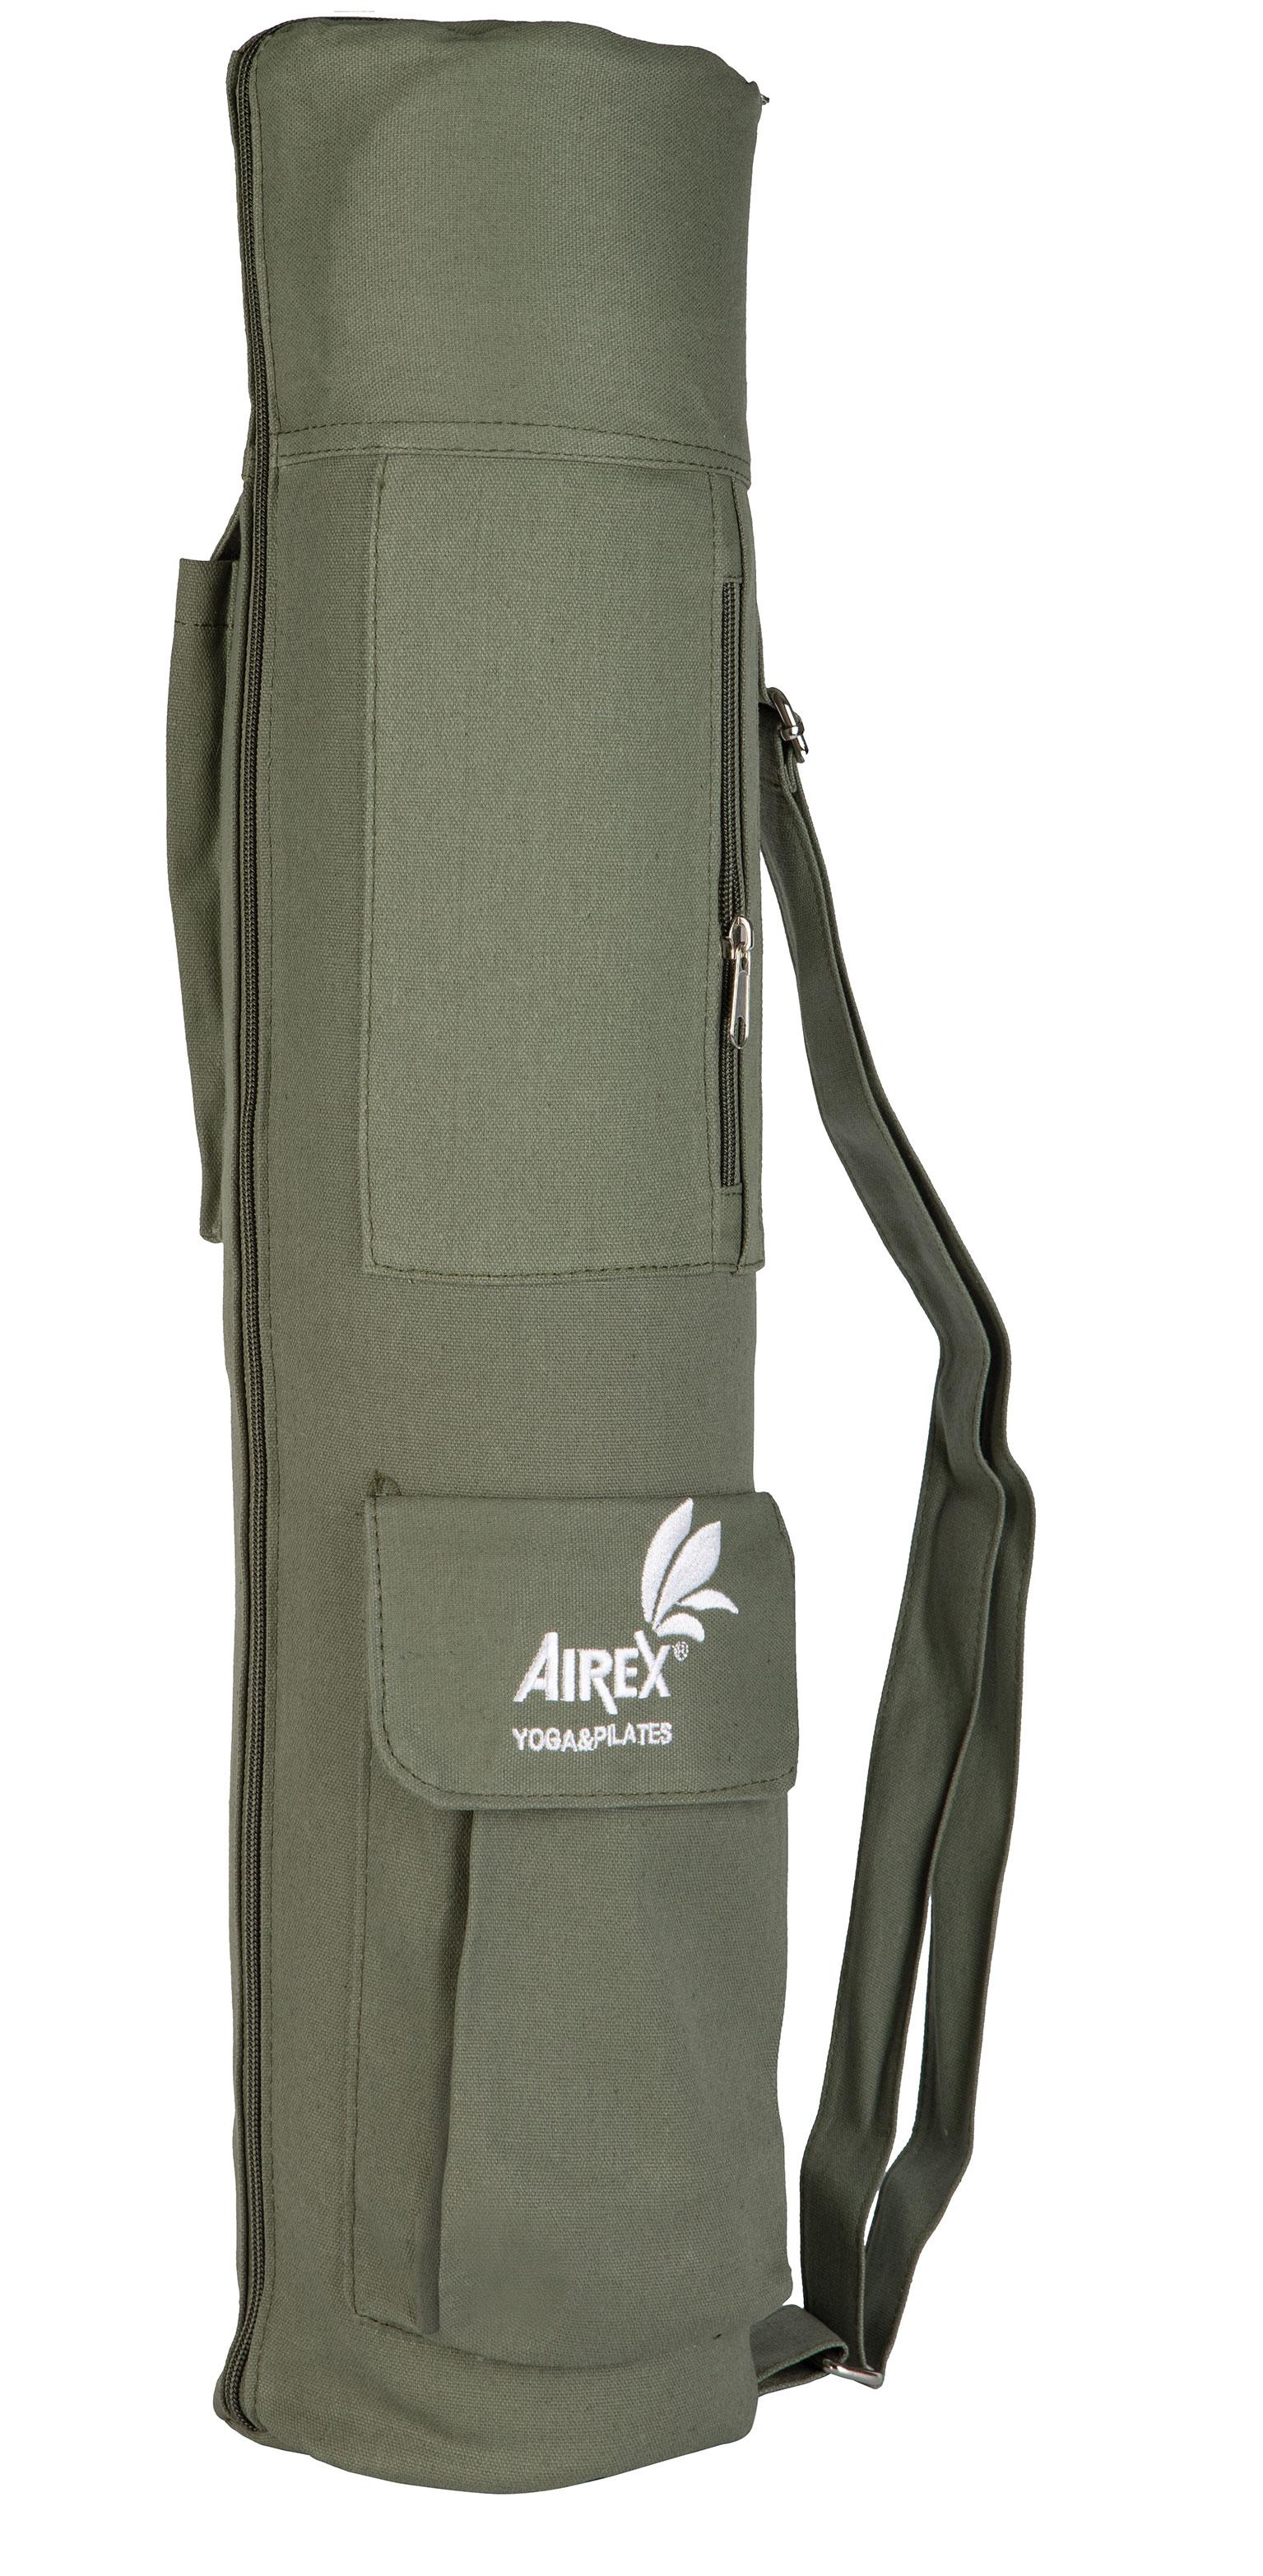 Yoga carry bag